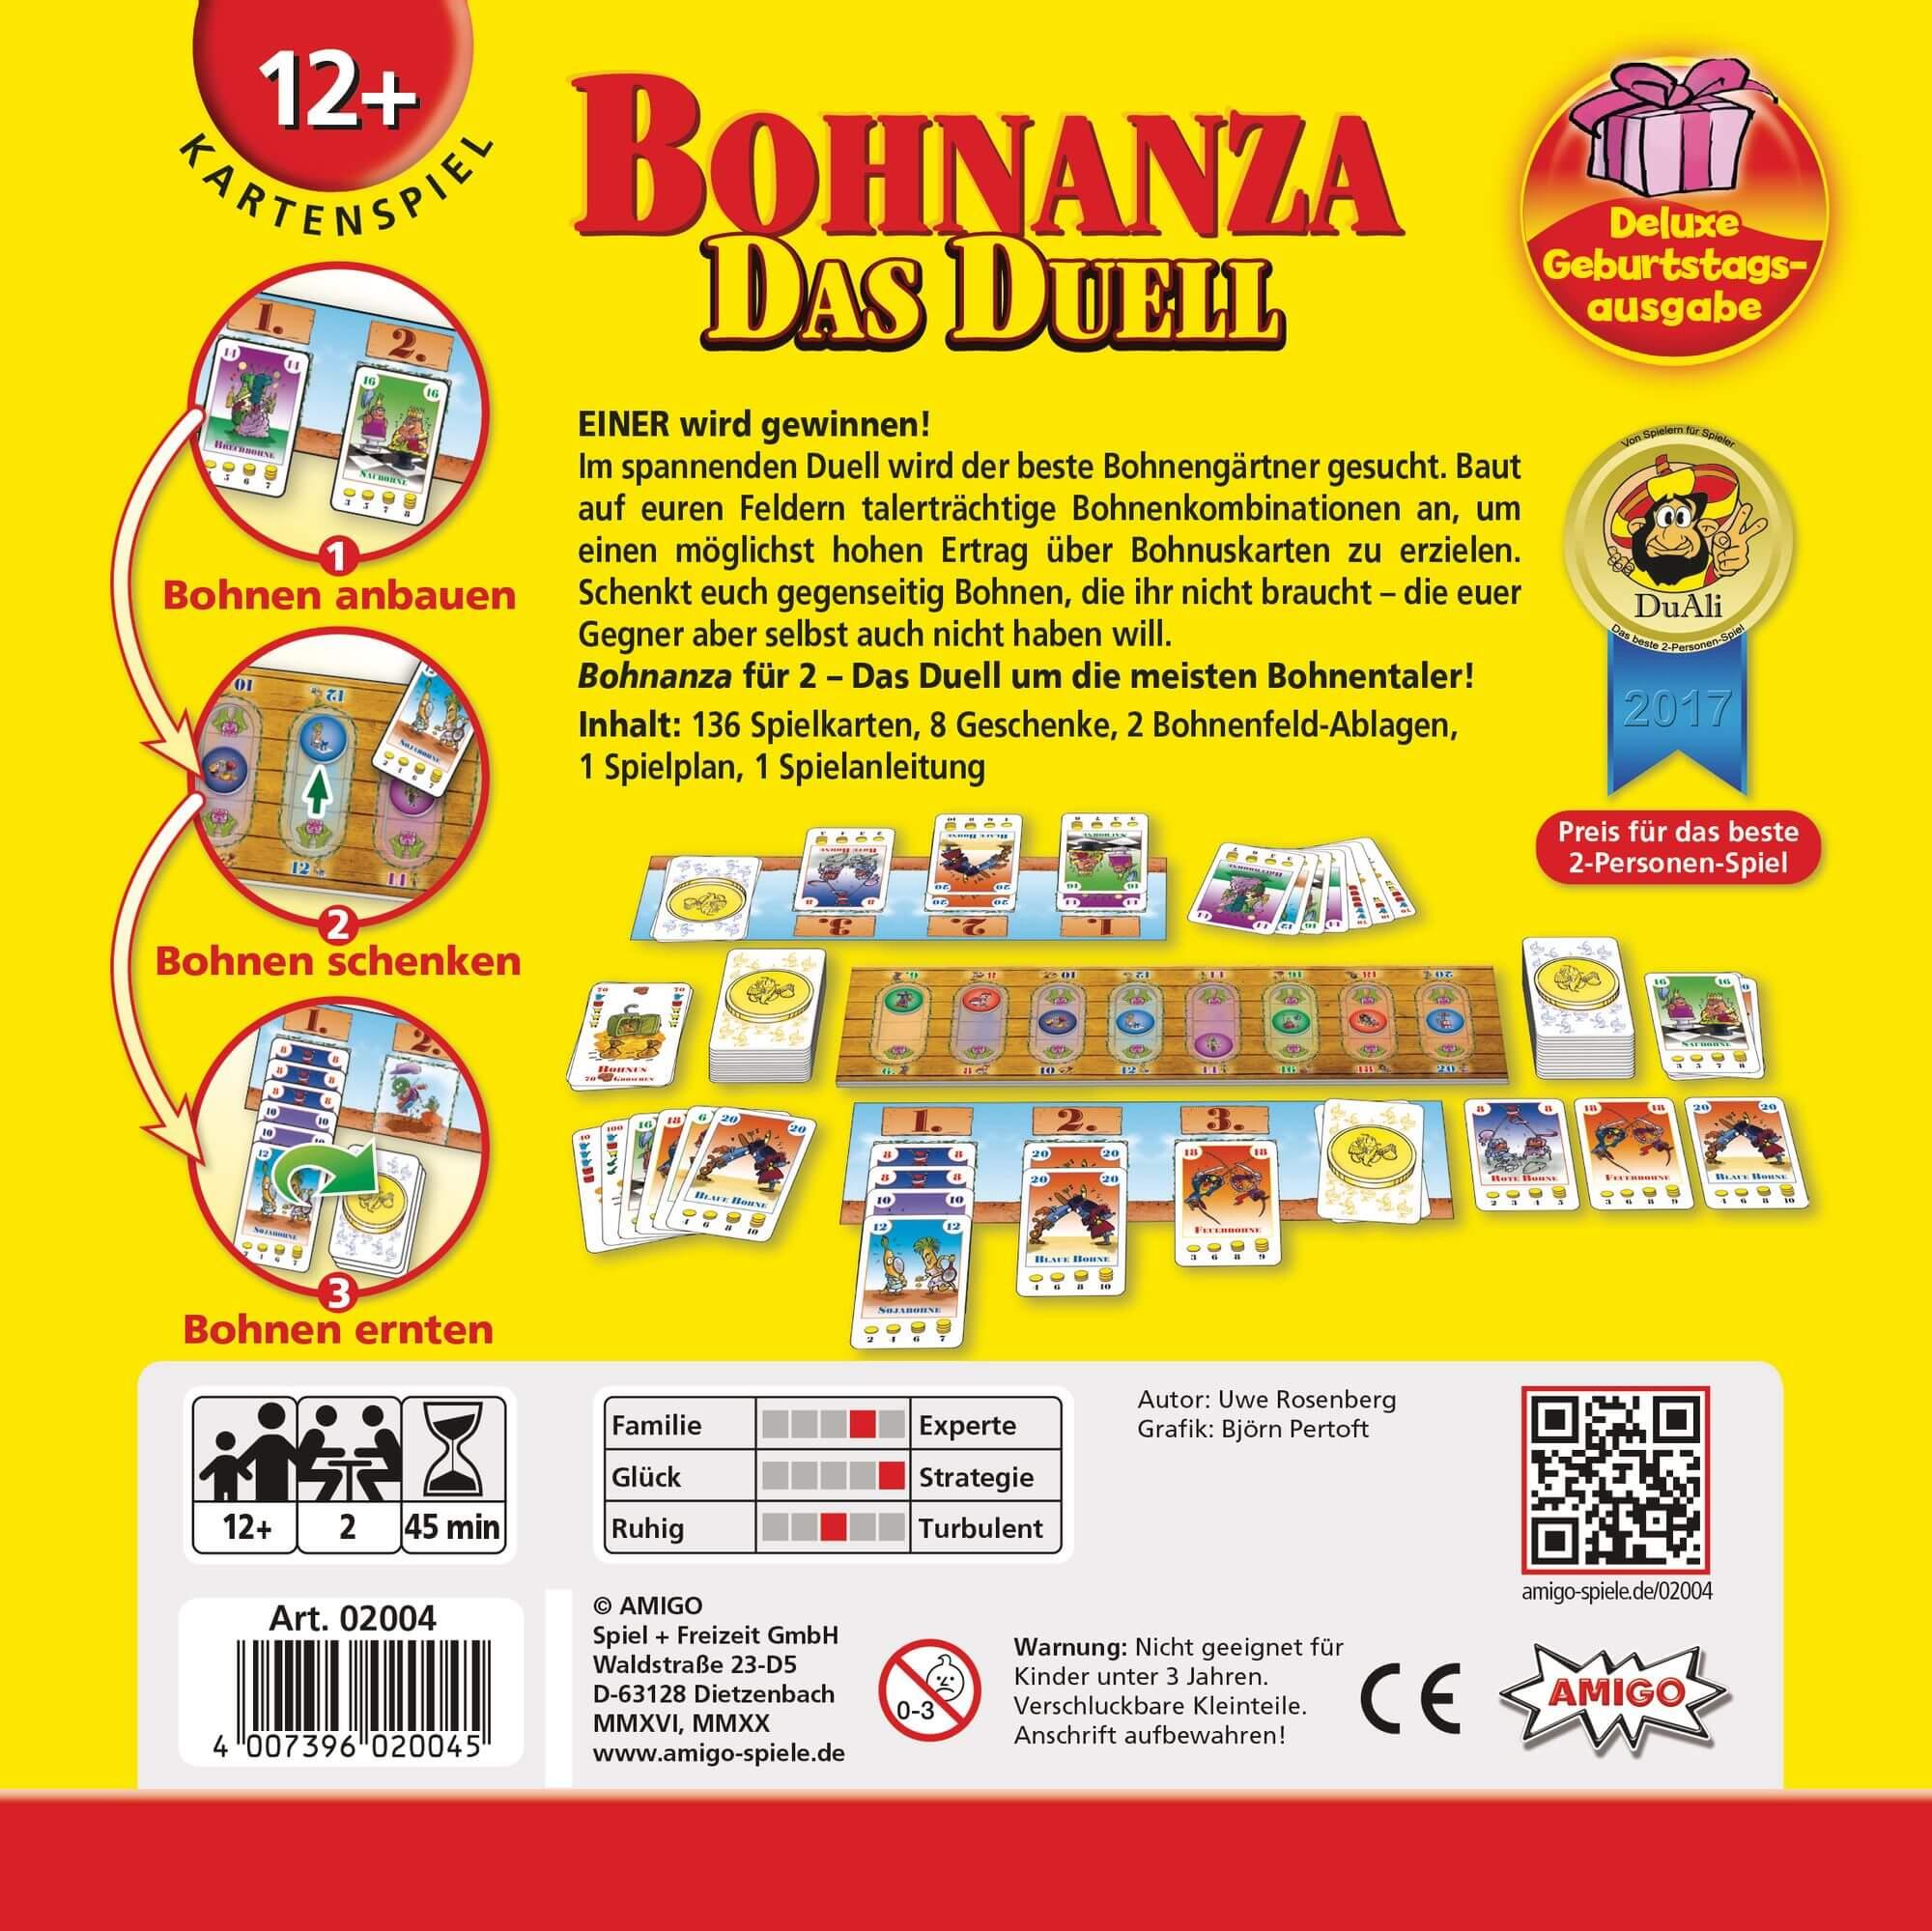 Schachtel Rückseite- Bohnanza - Das Duell Deluxe